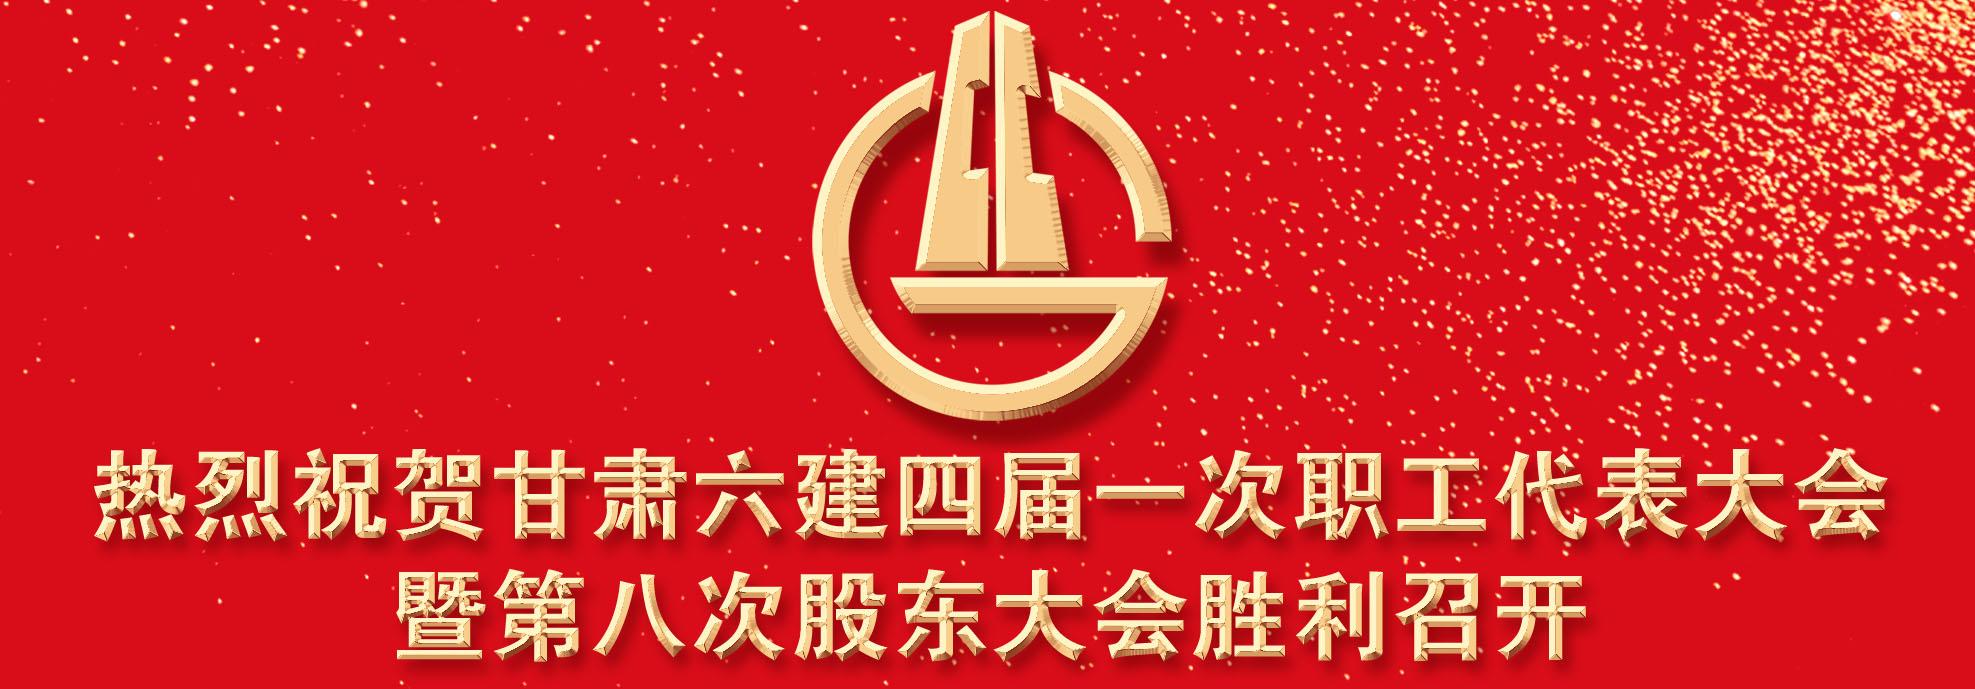 bwin手机登陆第六建设集团股份有限公司